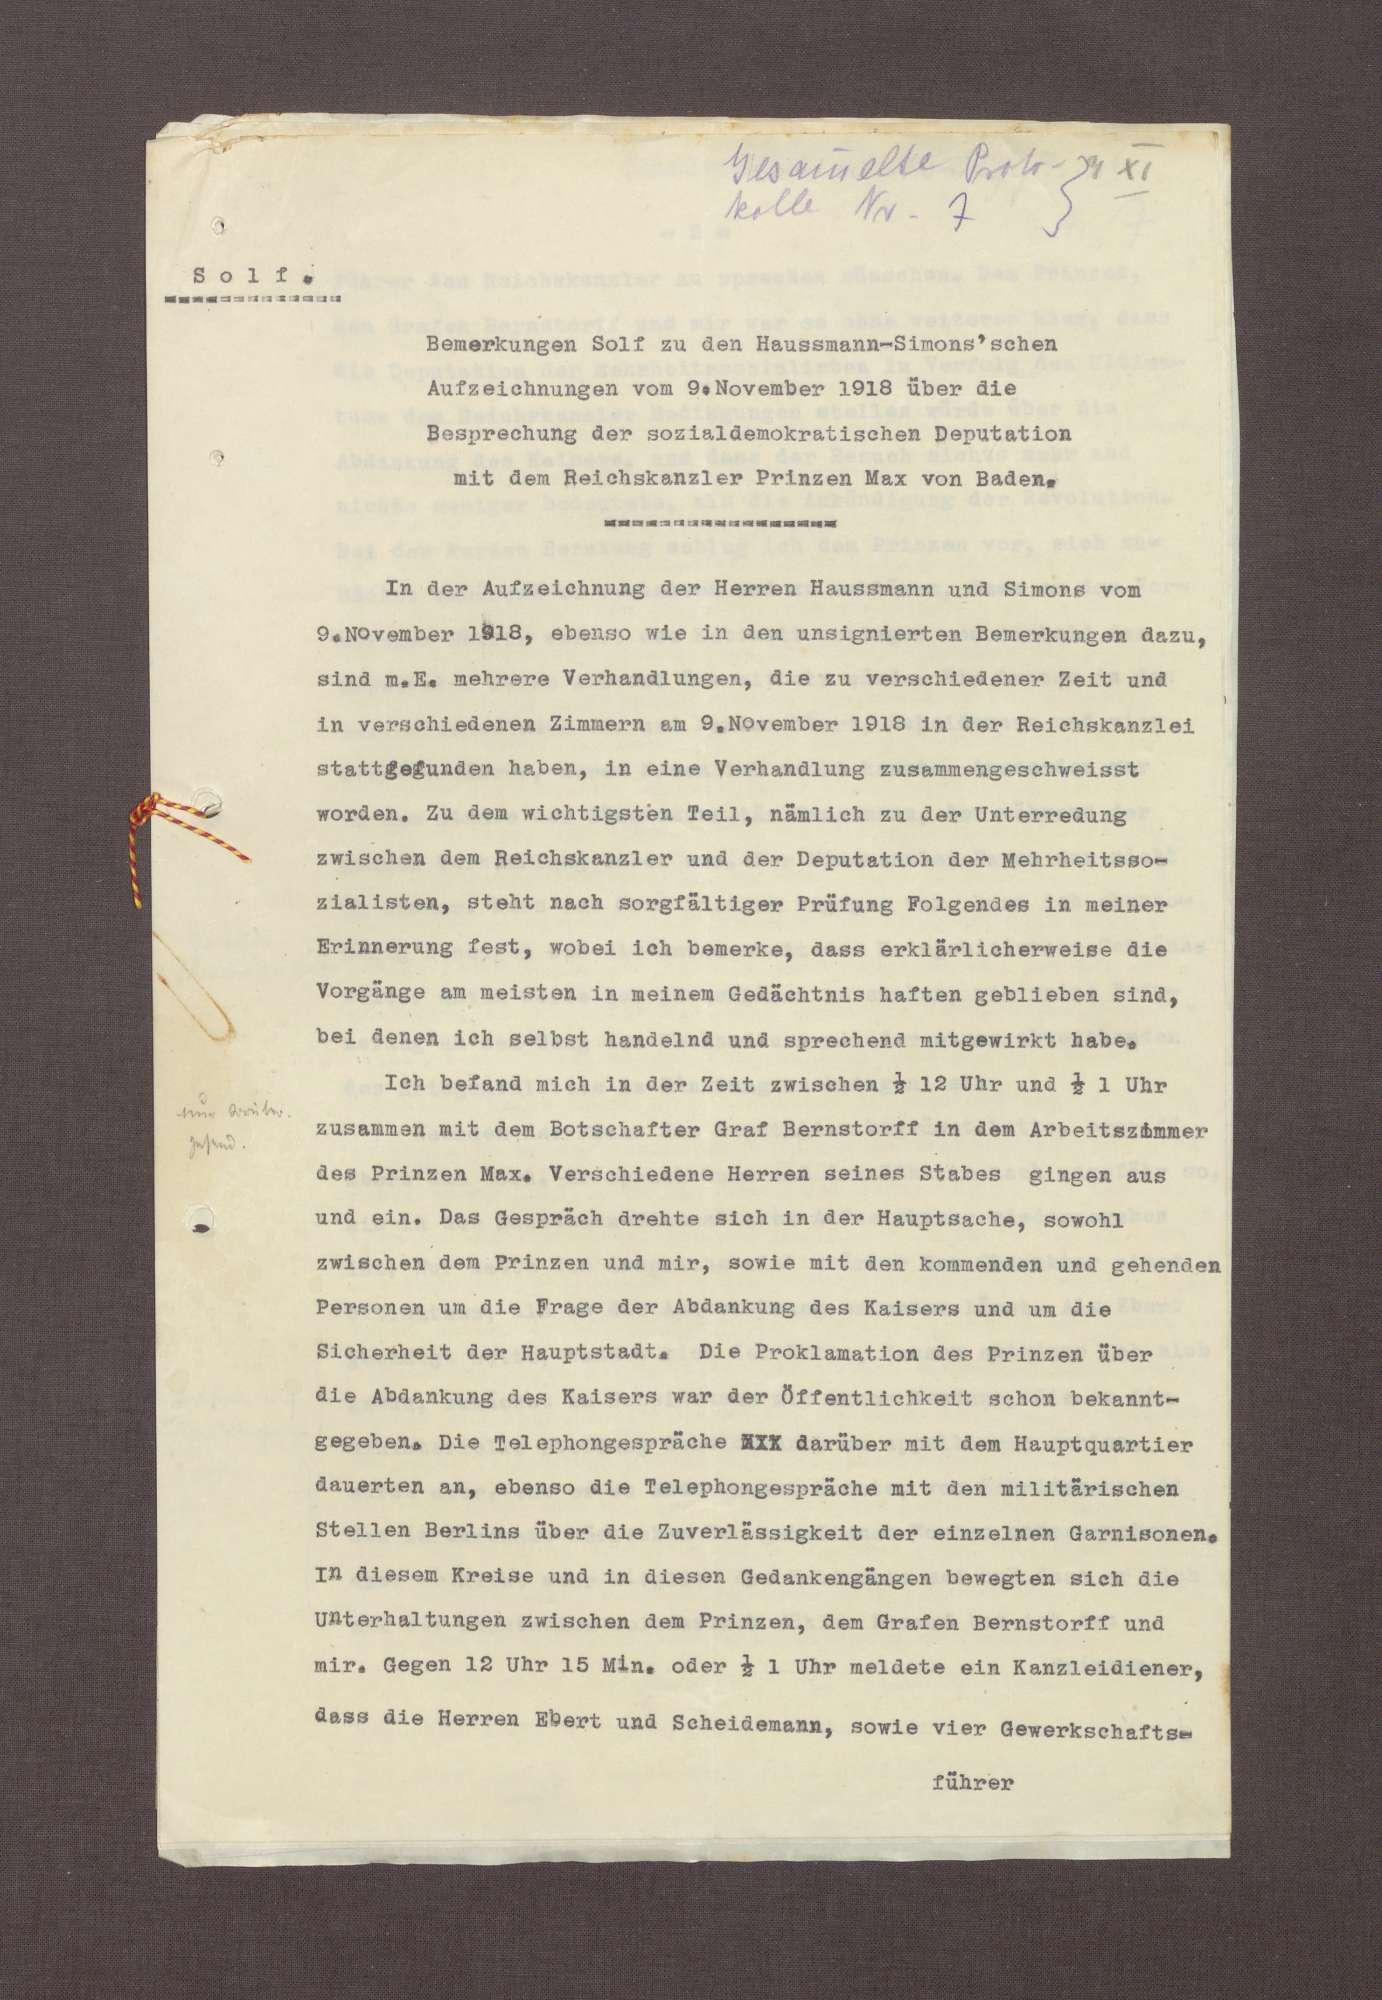 Schreiben von Wilhelm Solf an Prinz Max von Baden bzgl. der Aufzeichnungen Haußmanns über die Ereignisse am 09.11.1918, Bild 1